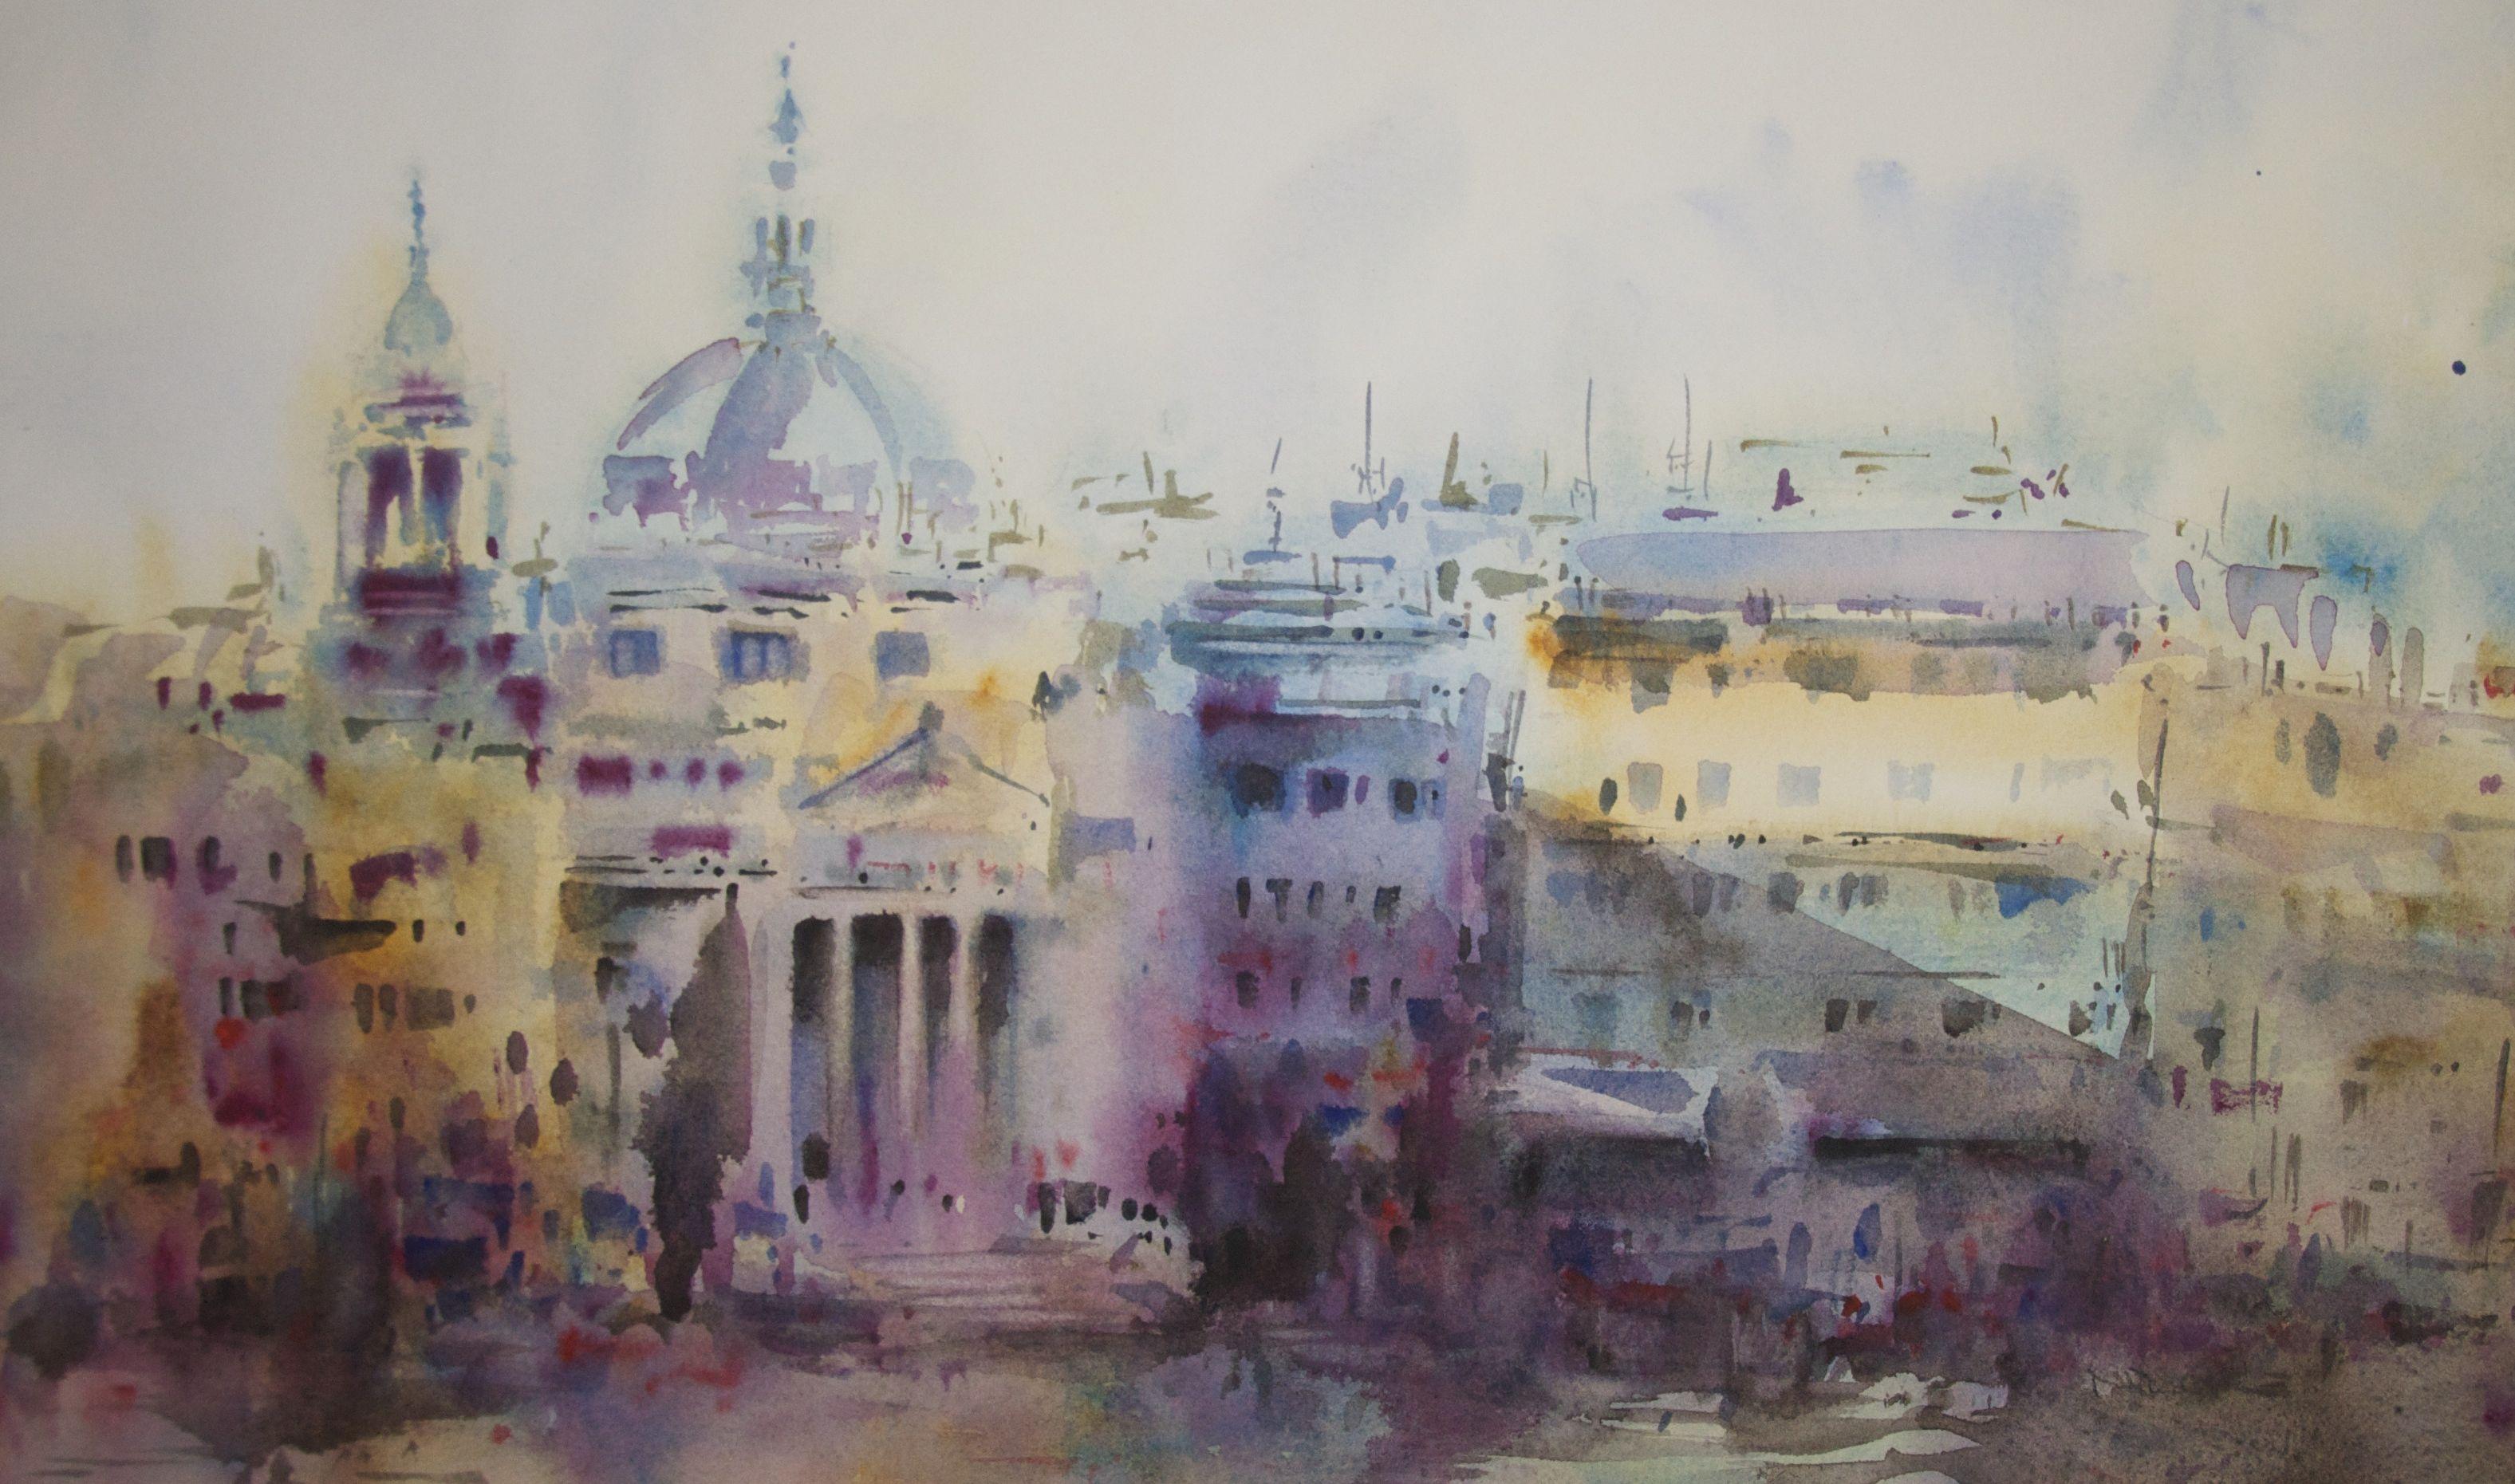 Piazza del Polpolo